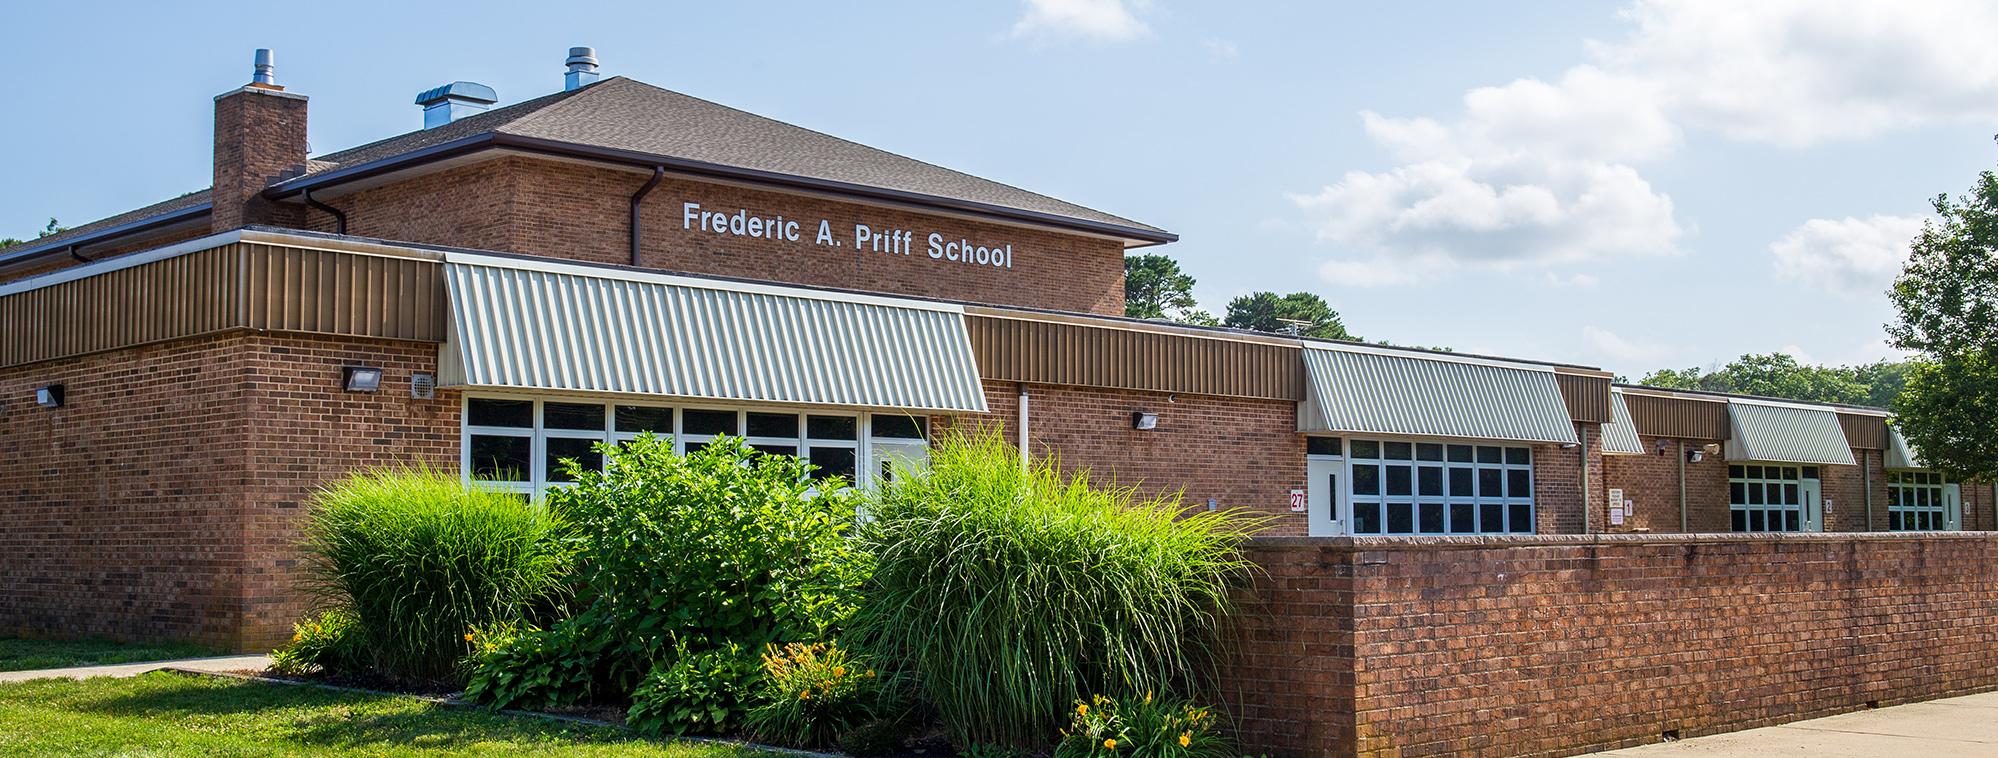 Frederic A. Priff School